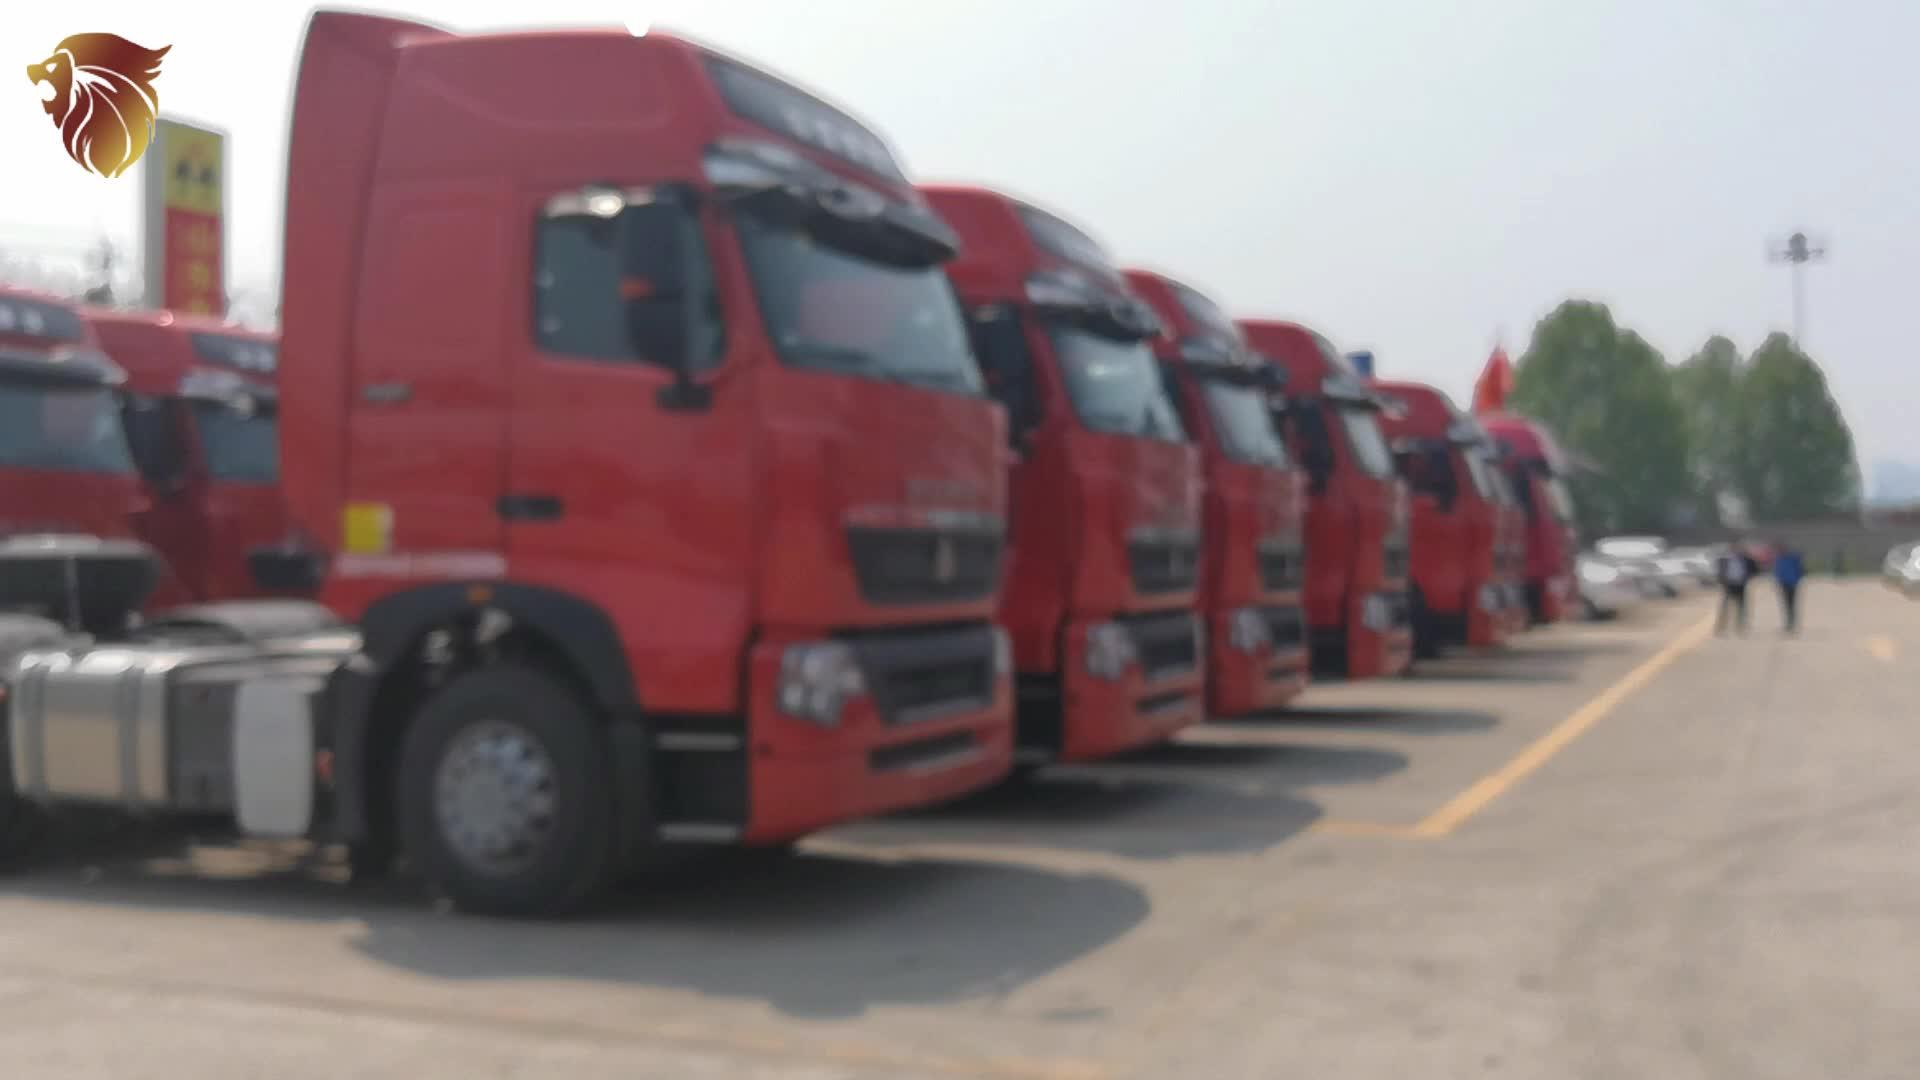 HYUAN HOWO yeni ağır 10 wheeler römork kafa 6x4 4x2 420hp HOWO traktör kamyon için satış